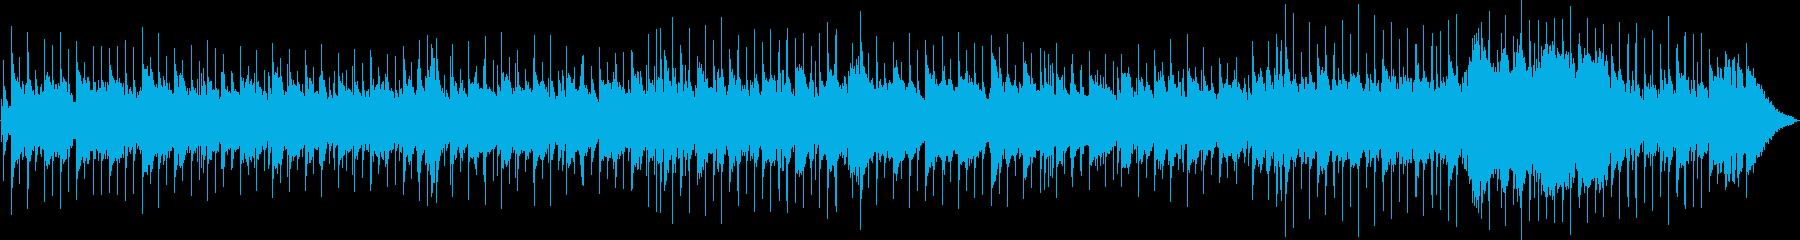 バラード。ピアノバー。の再生済みの波形